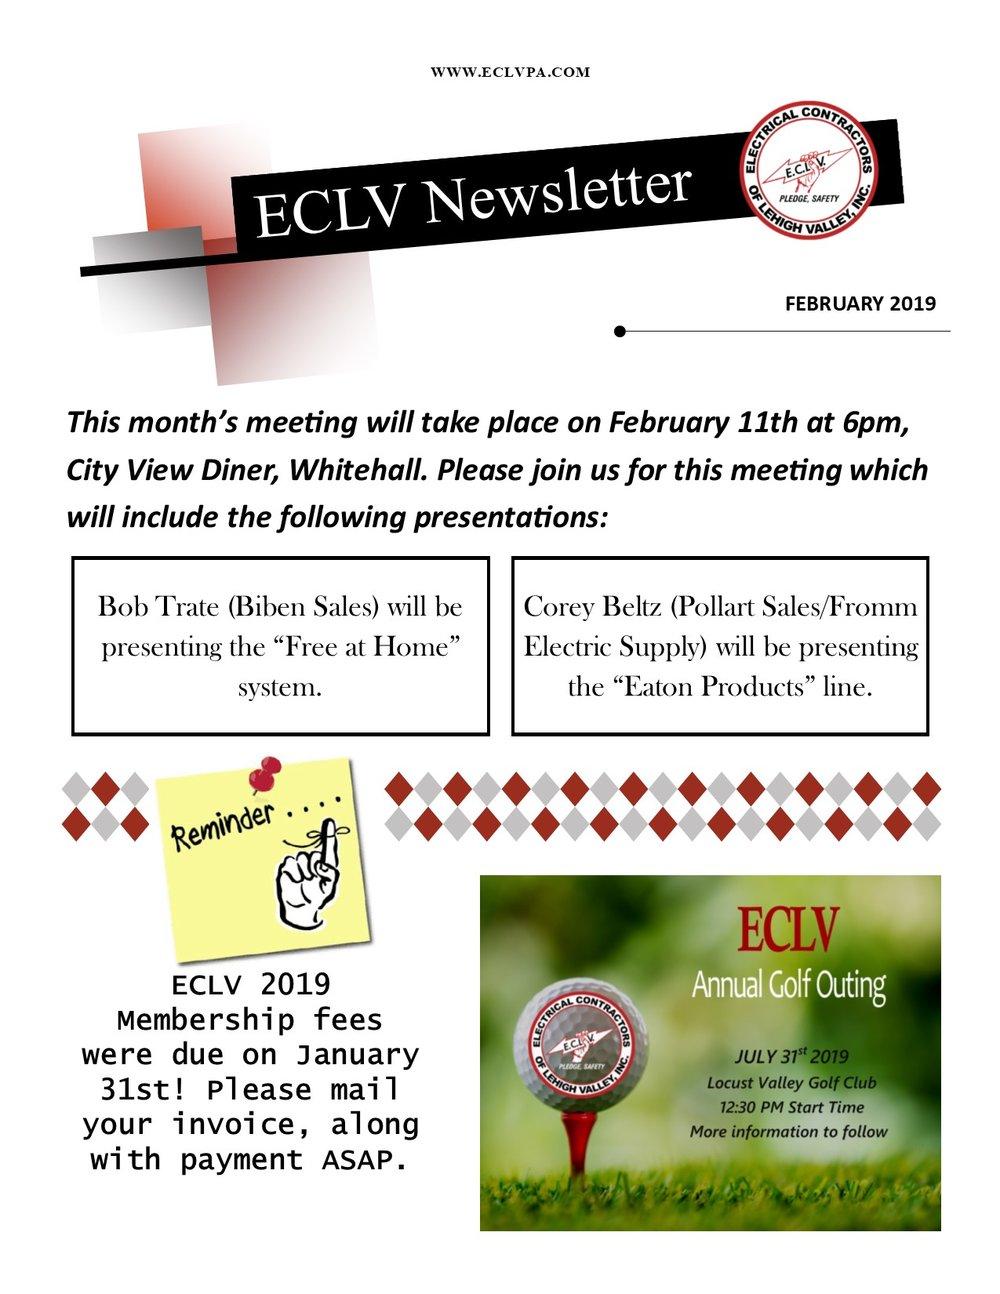 ECLV Newsletter.jpg